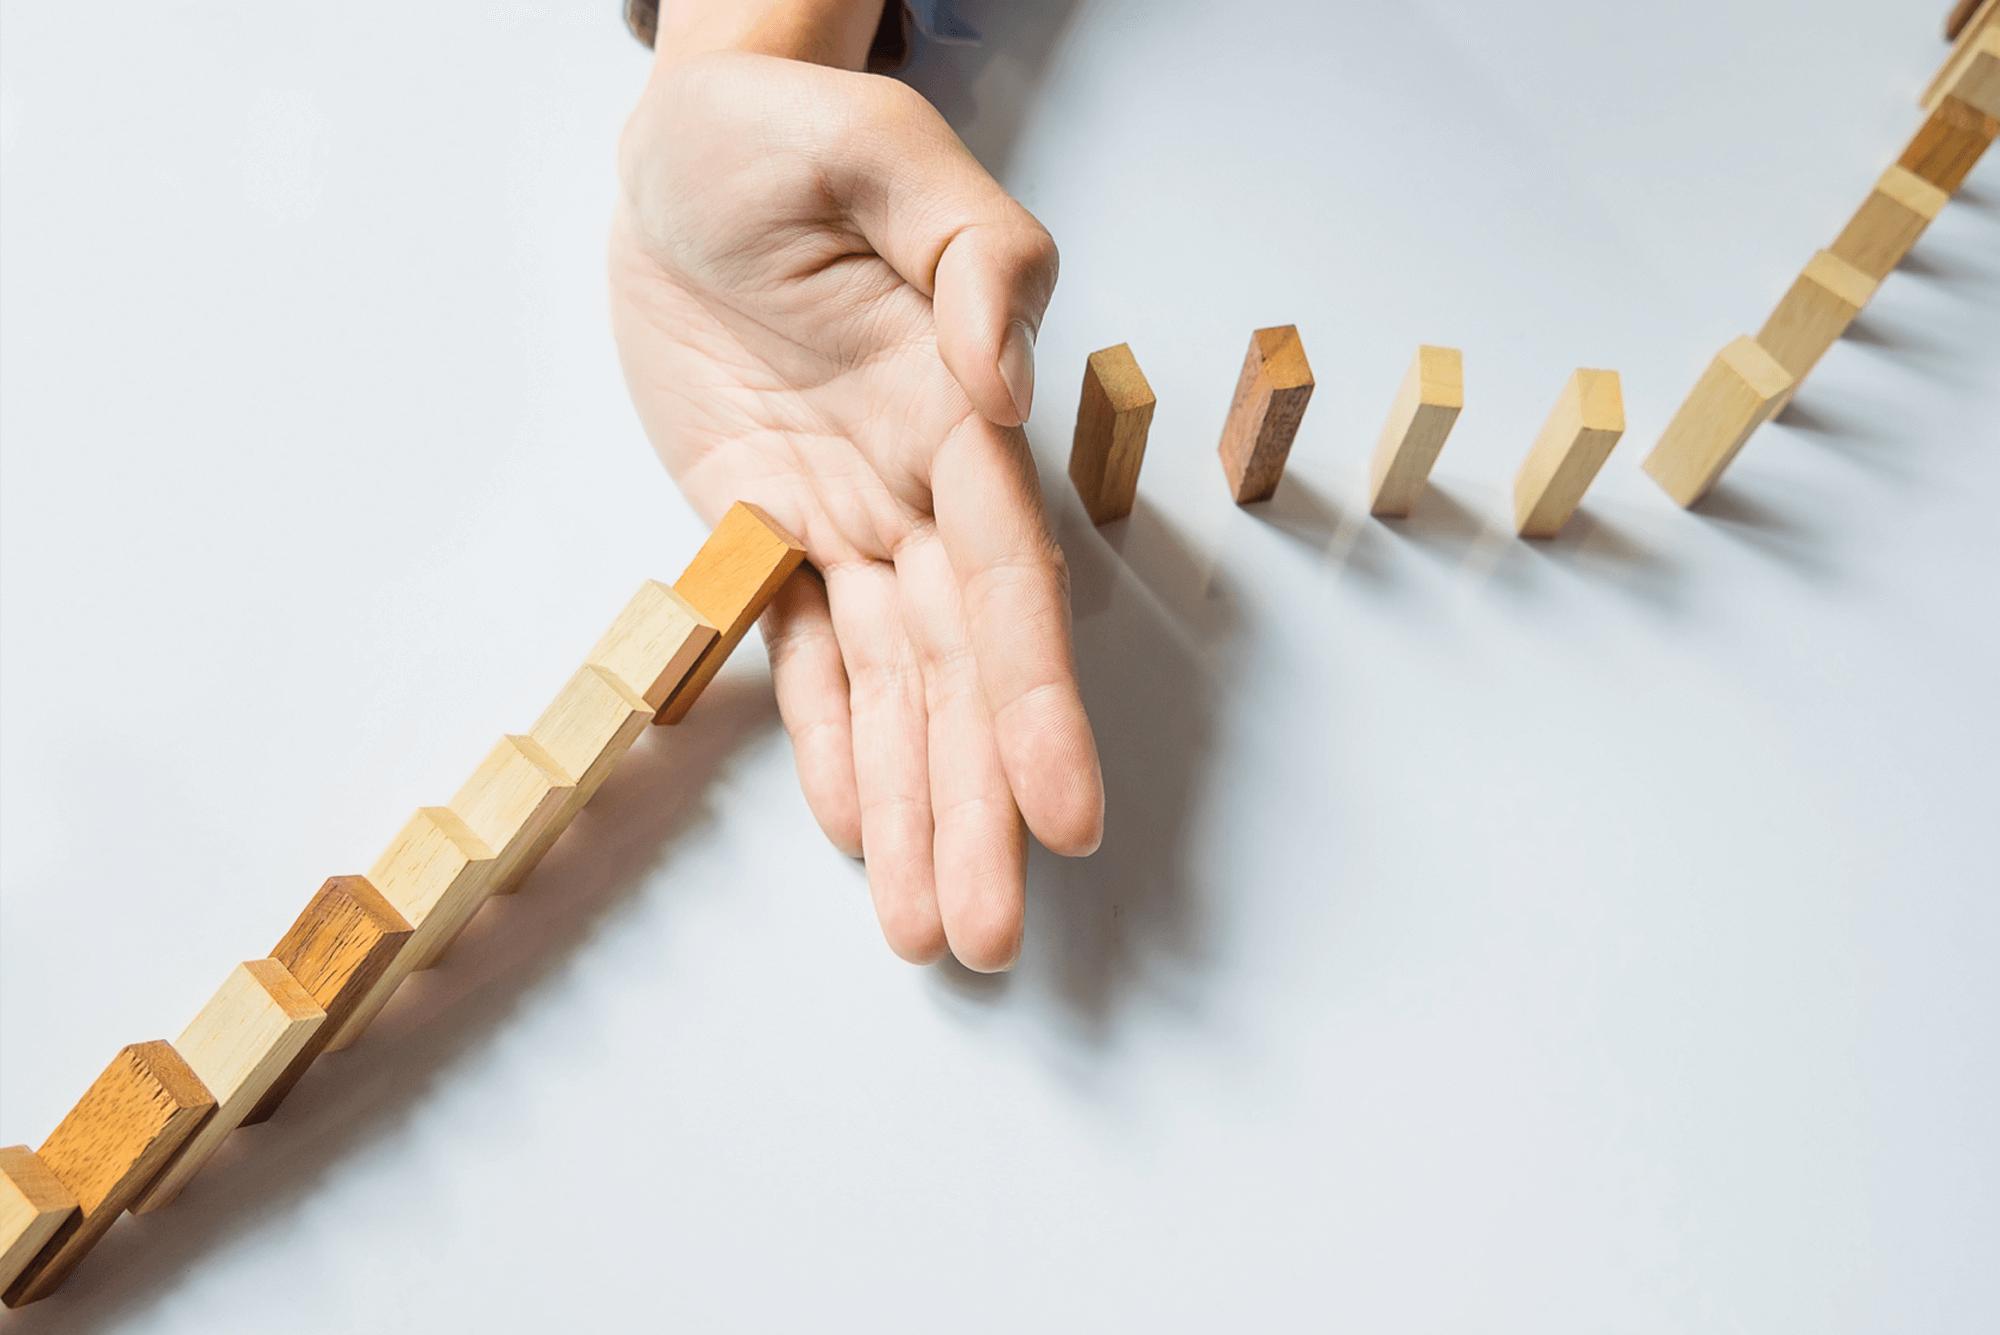 Veranderen doet pijn | Opleiding verandermanagement | 11 tips